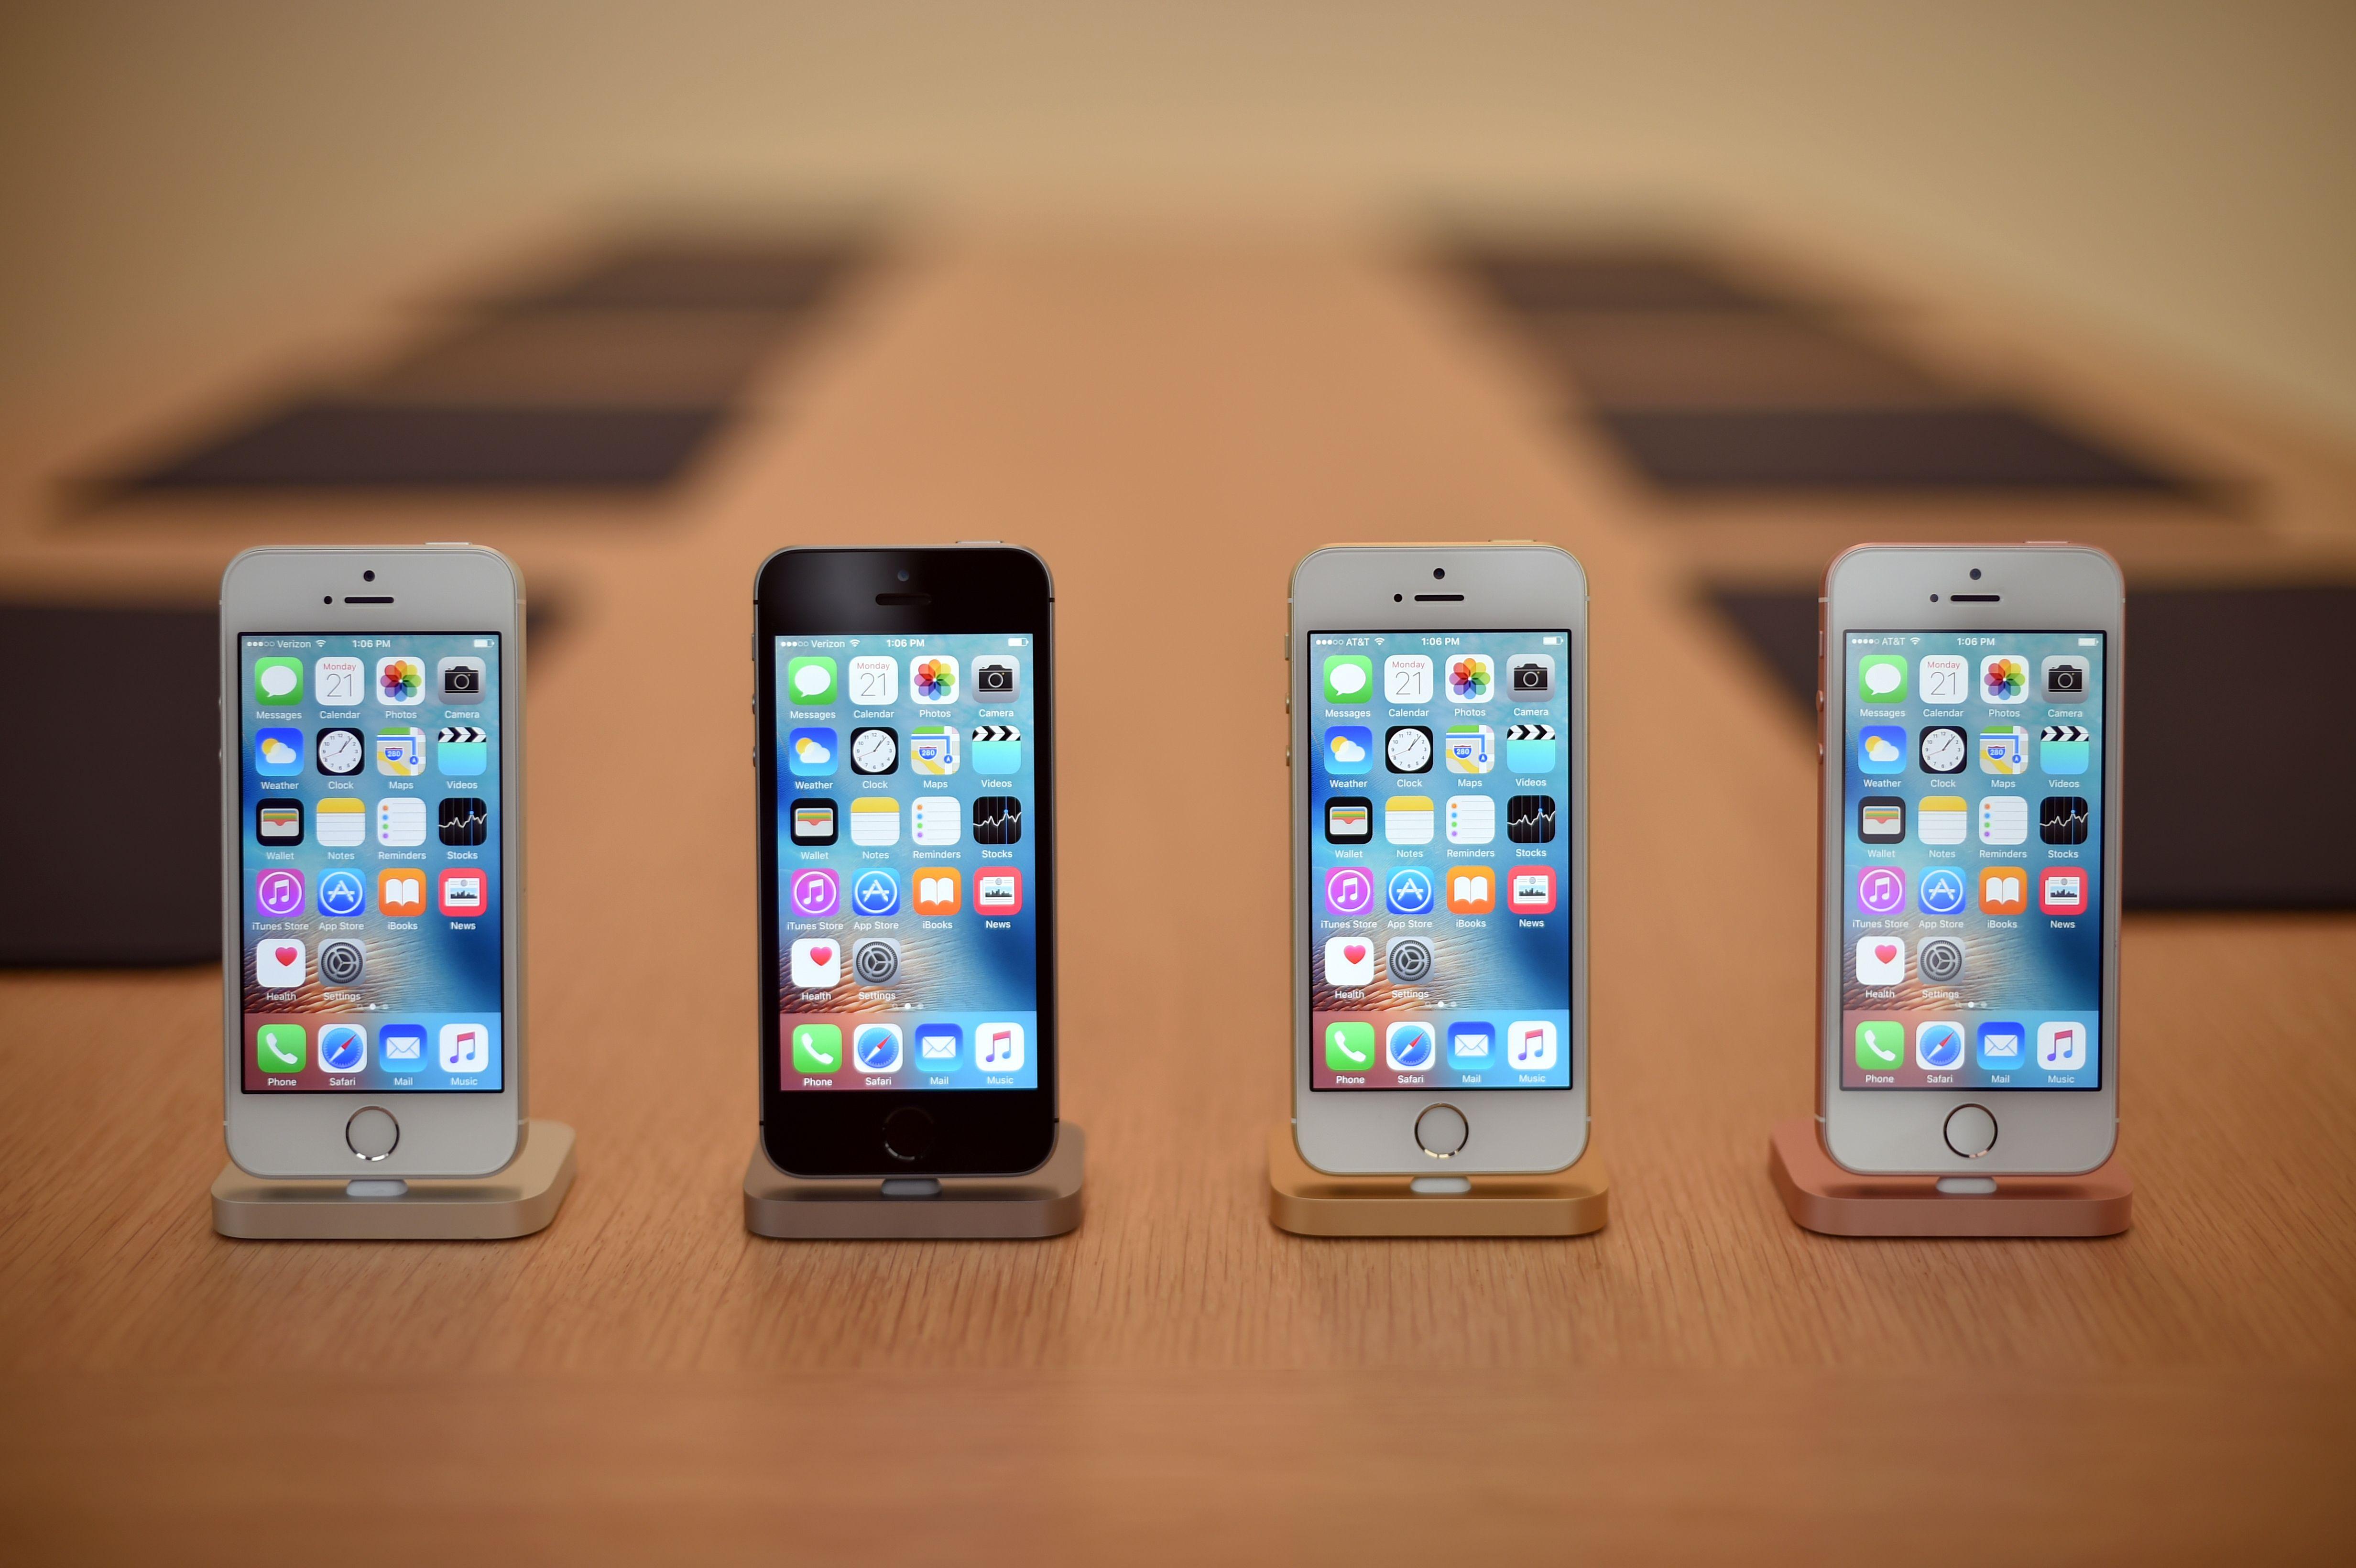 人們對蘋果下一代iPhone充滿了興奮和期待,包括對新版iPhone的定價也十分關注。iPhone資料圖。(JOSH EDELSON/AFP/Getty Images)